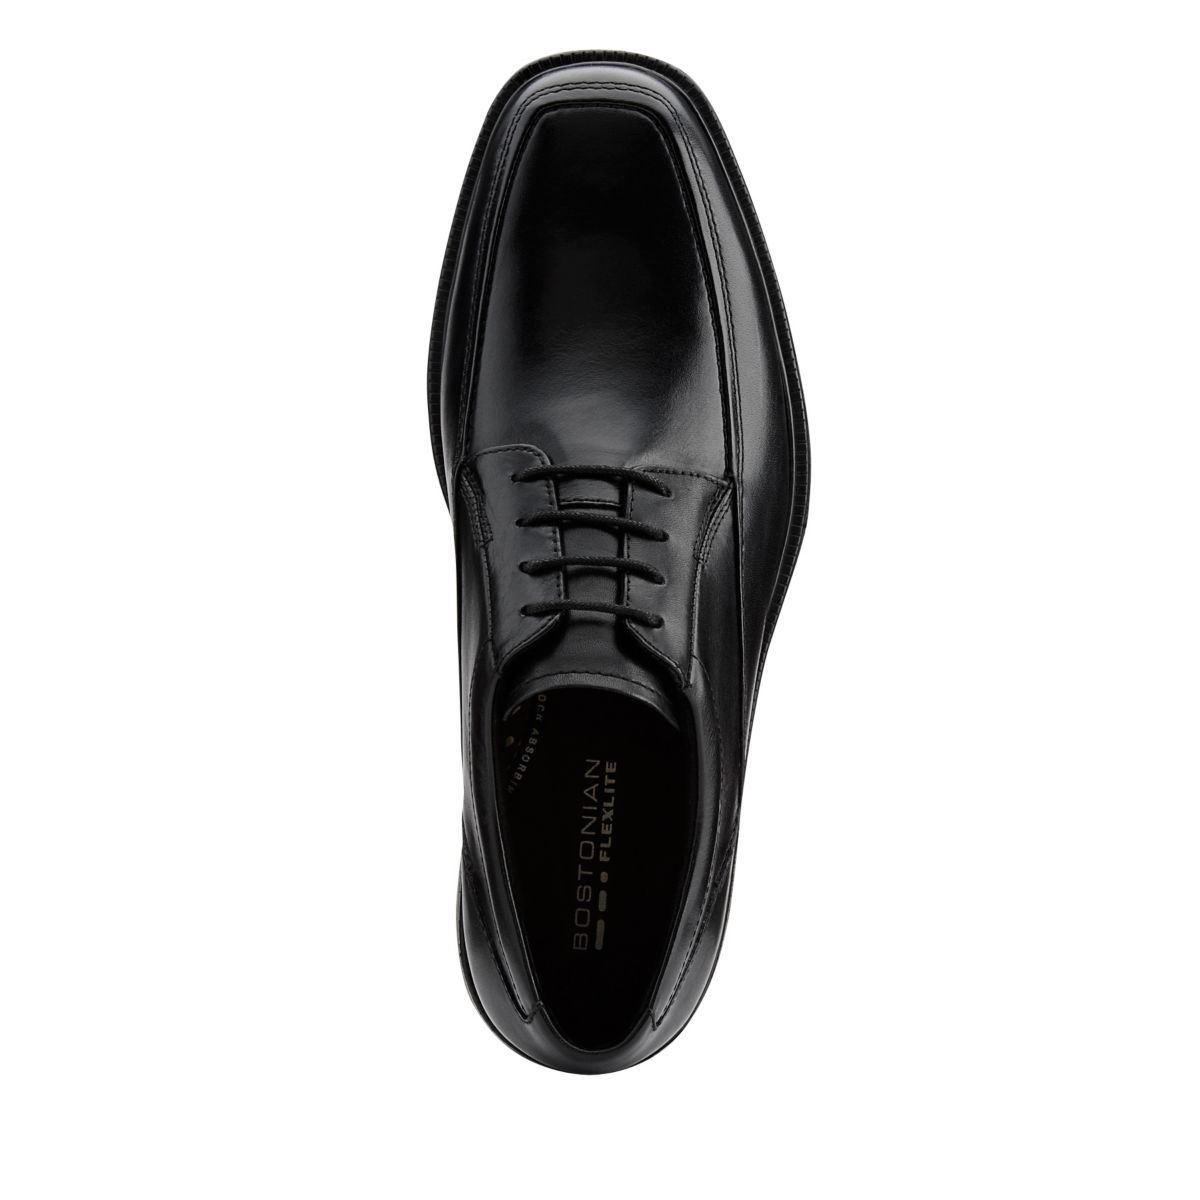 8b384ed8992 Bostonian prescott leather slip on loafer mens bostonian crown windsor  tassels bostonian floine 24808 sz8 m brown made in italy tassel loafers  dress shoes ...